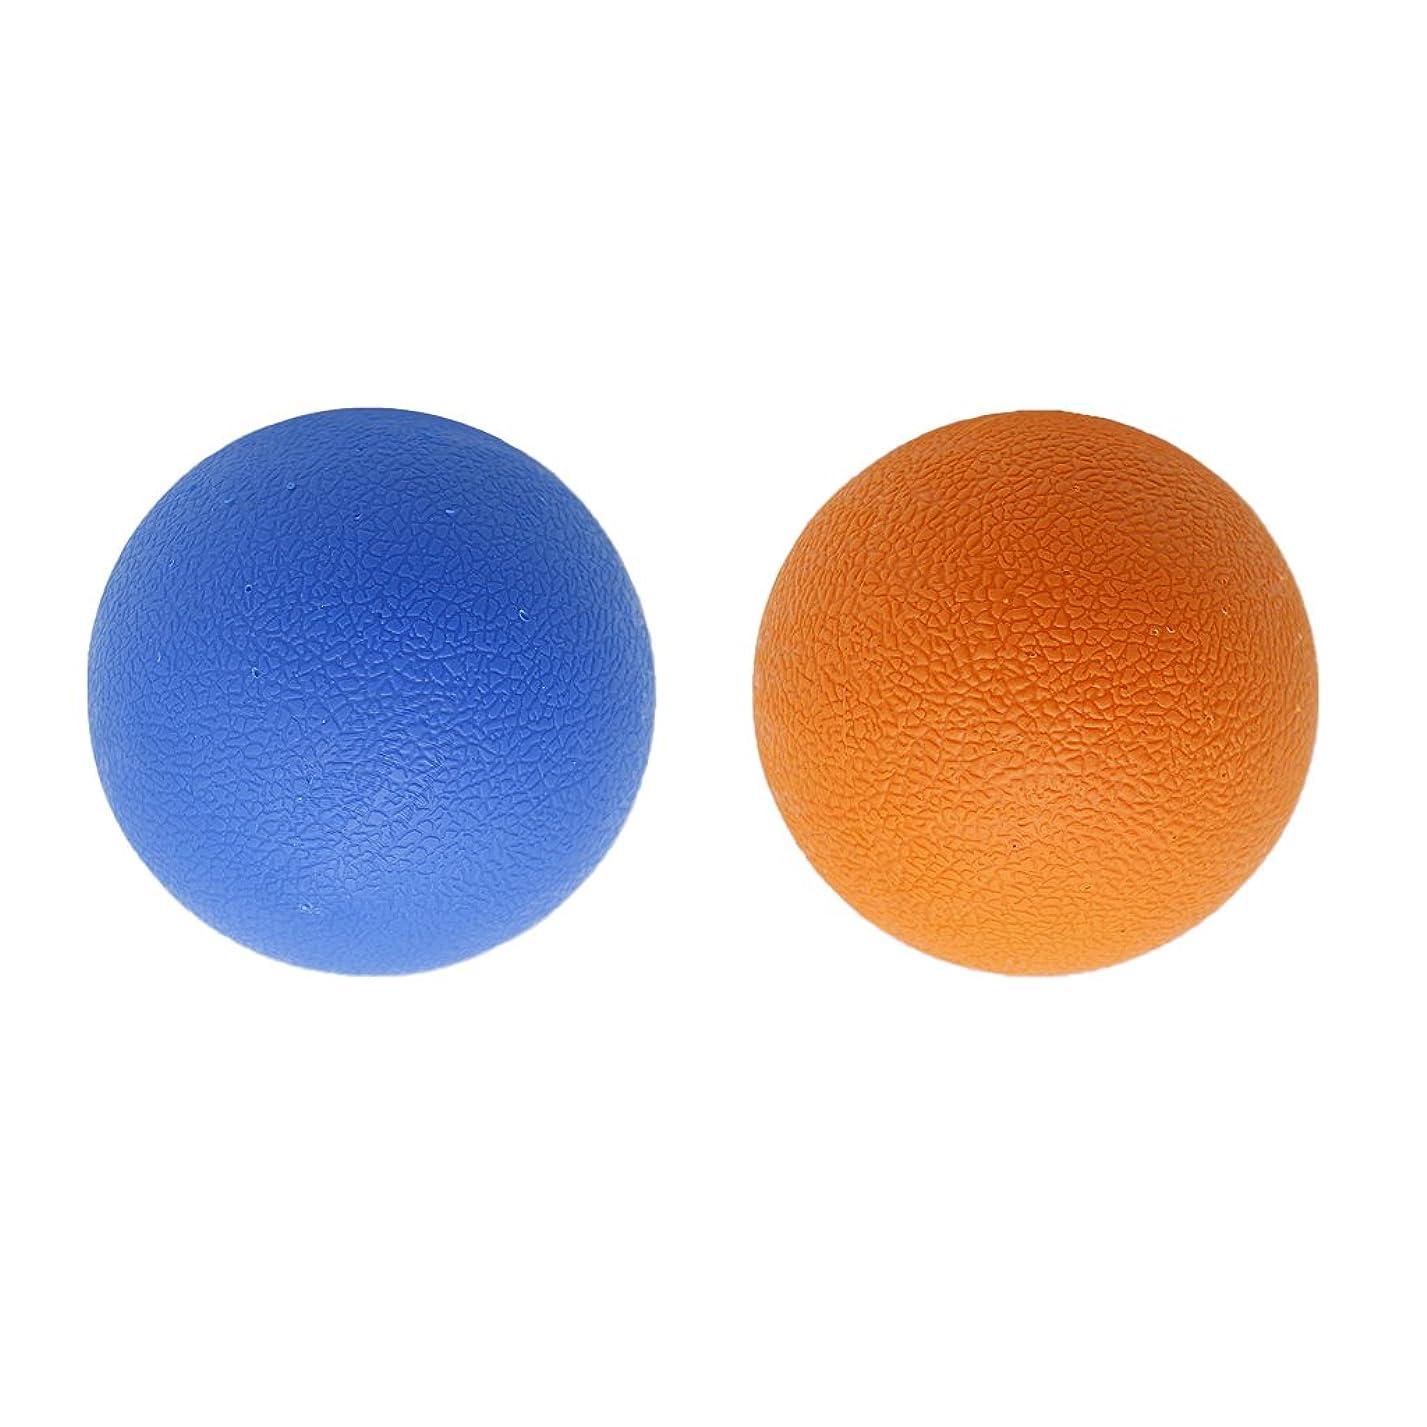 物質政府アンプBaoblaze 2個 マッサージボール ラクロスボール トリガ ポイントマッサージ 弾性TPE 多色選べる - オレンジブルー